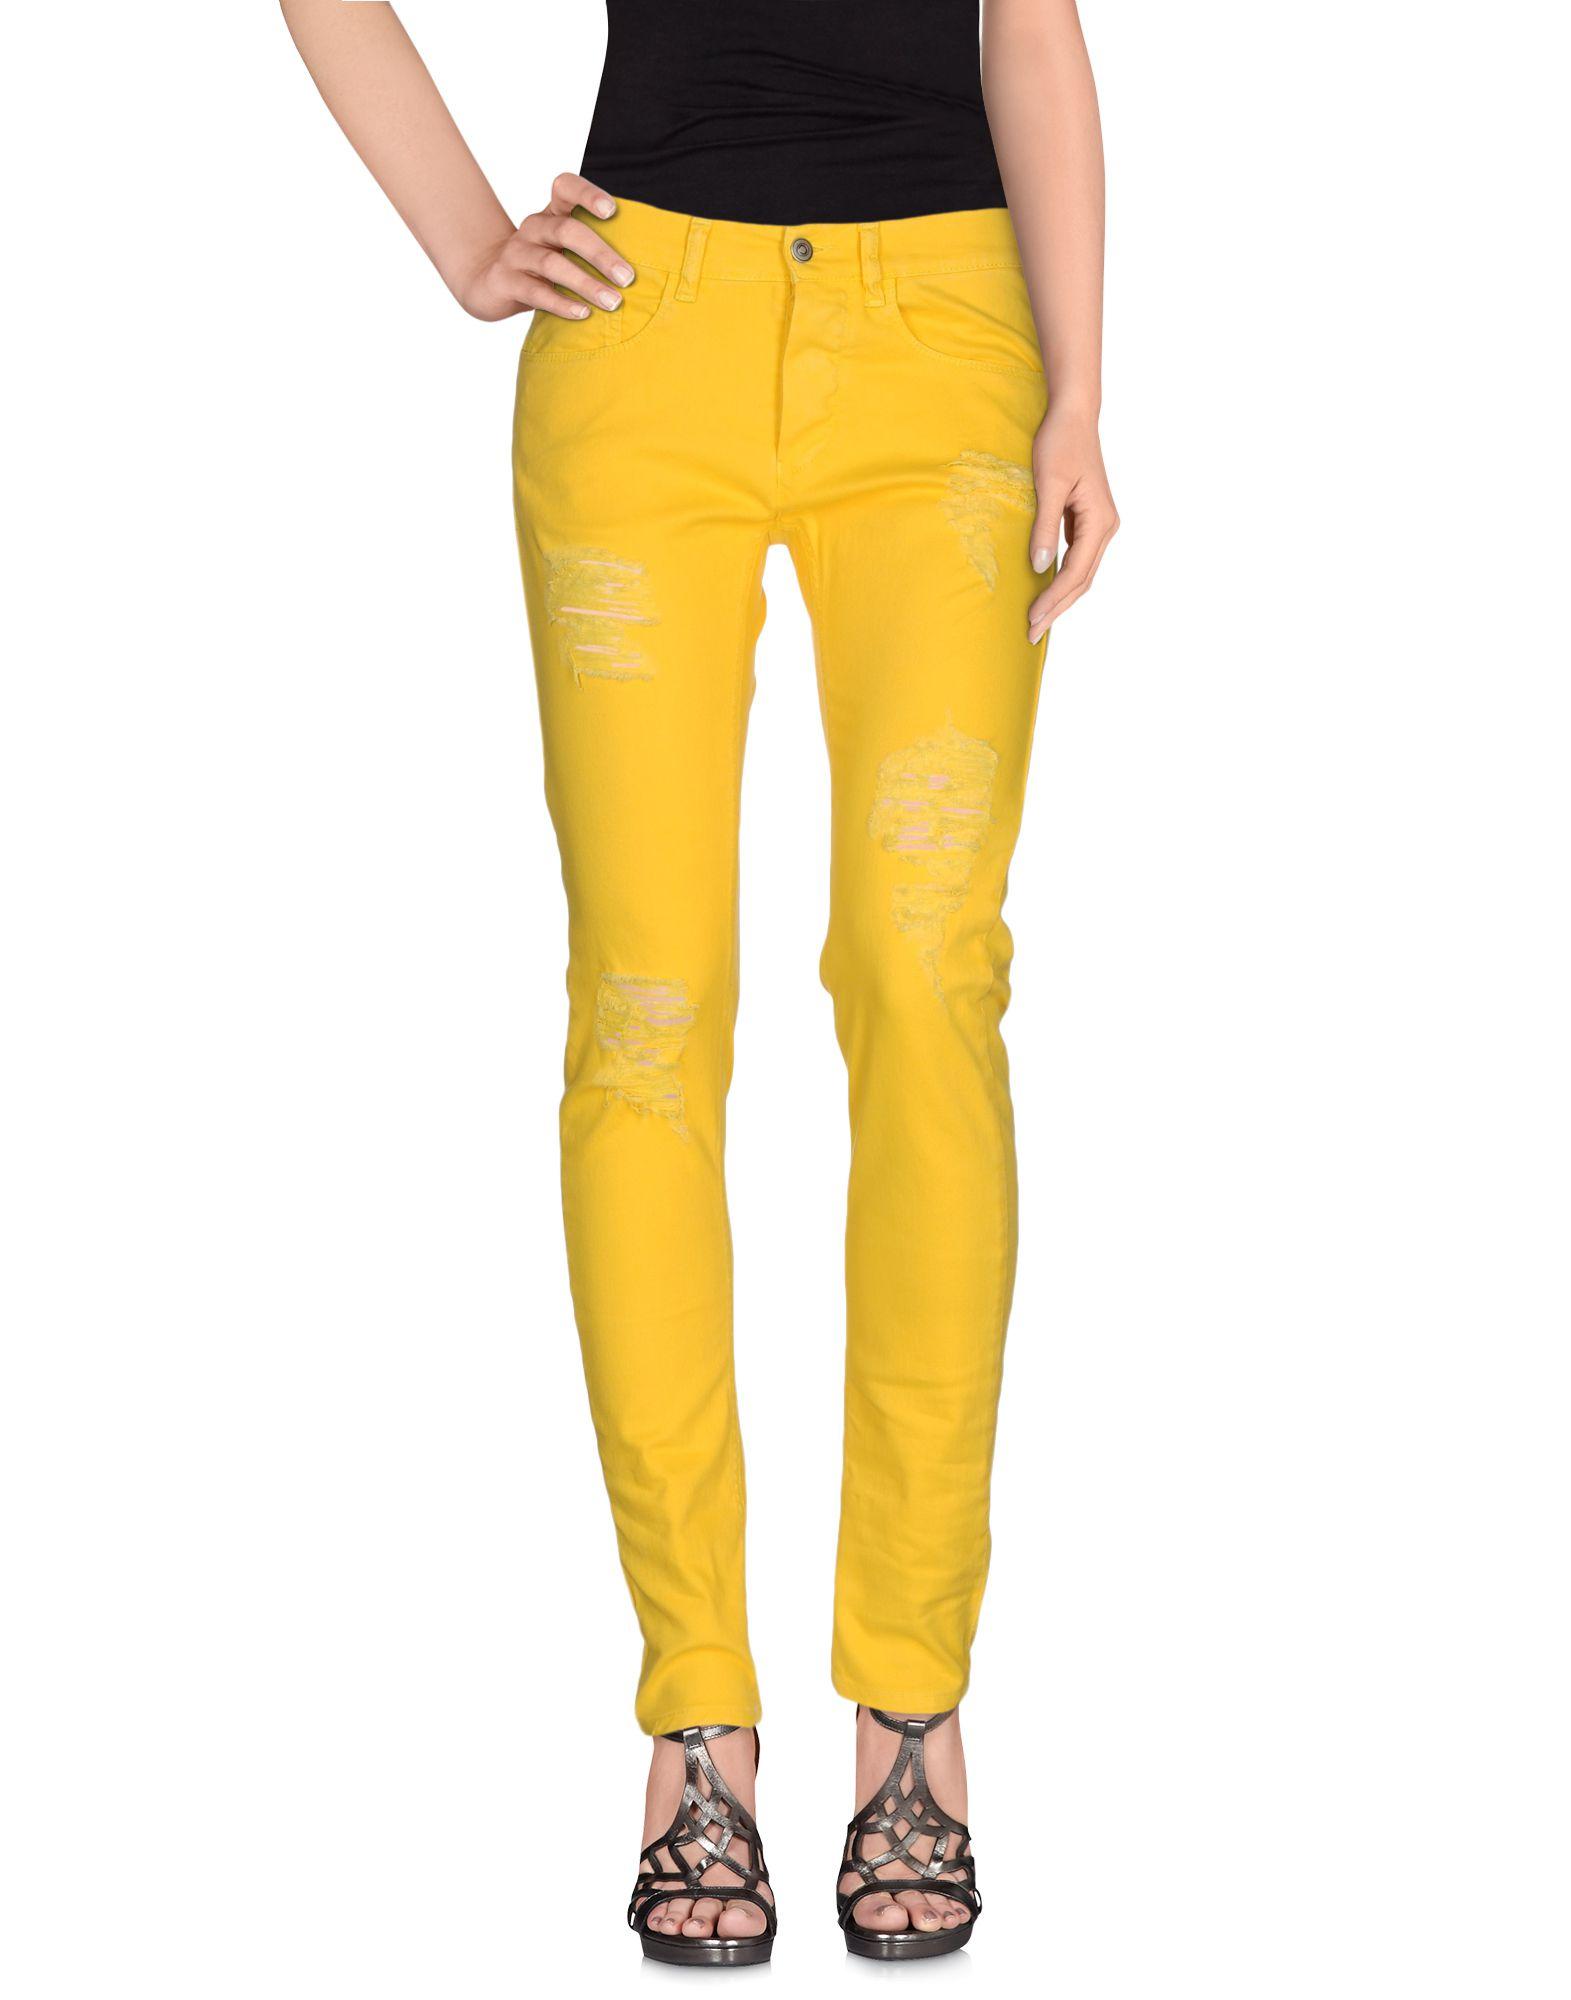 MINIMARKET Denim Pants in Yellow